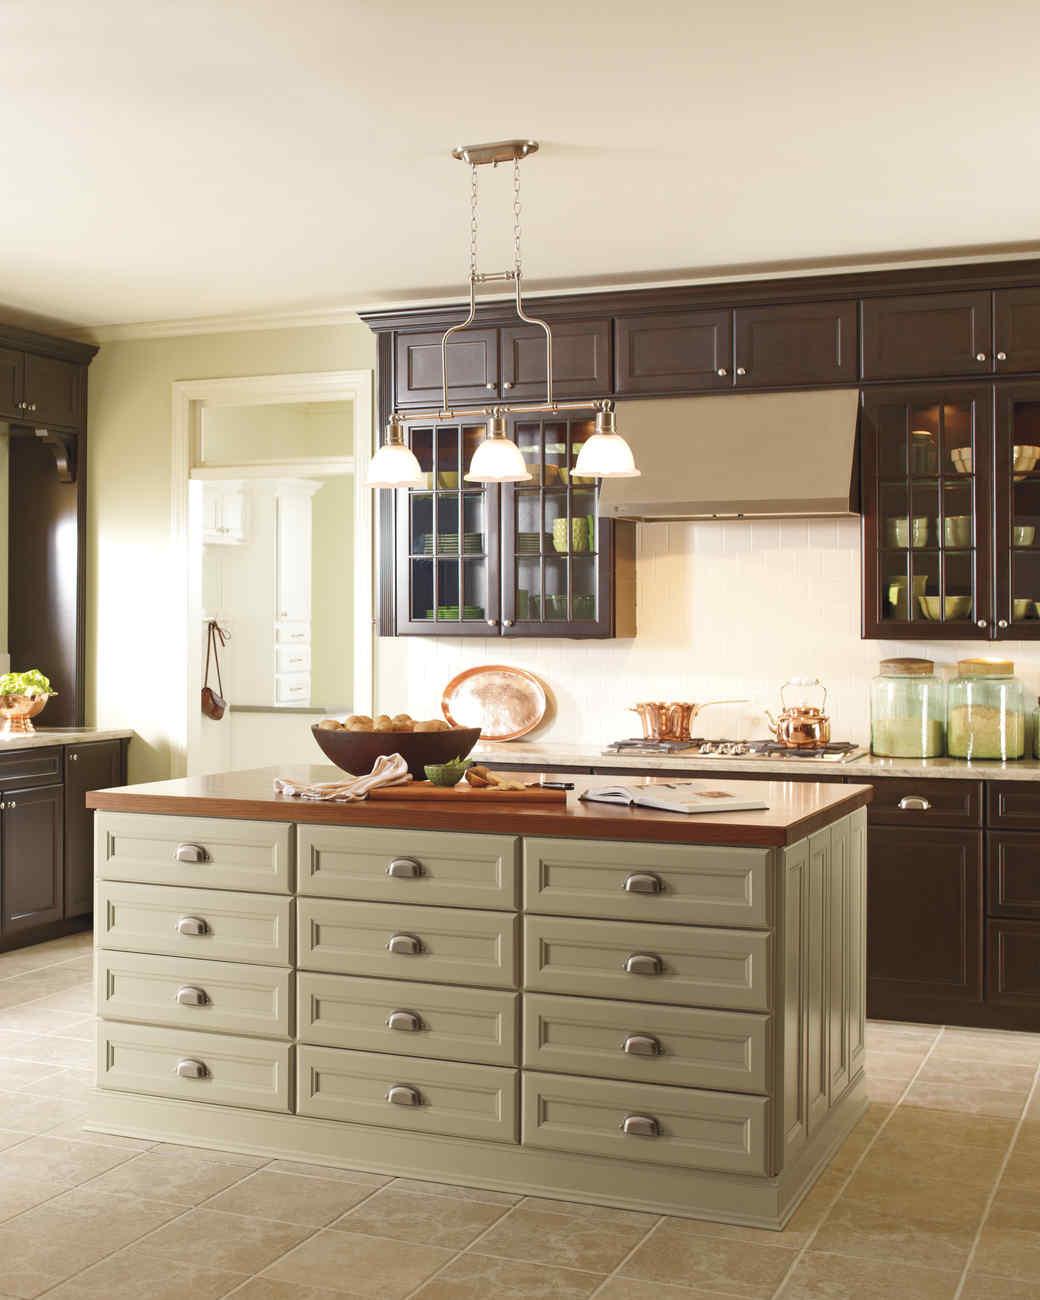 martha stewart kitchen island Martha Stewart Living Kitchen Designs from The Home Depot